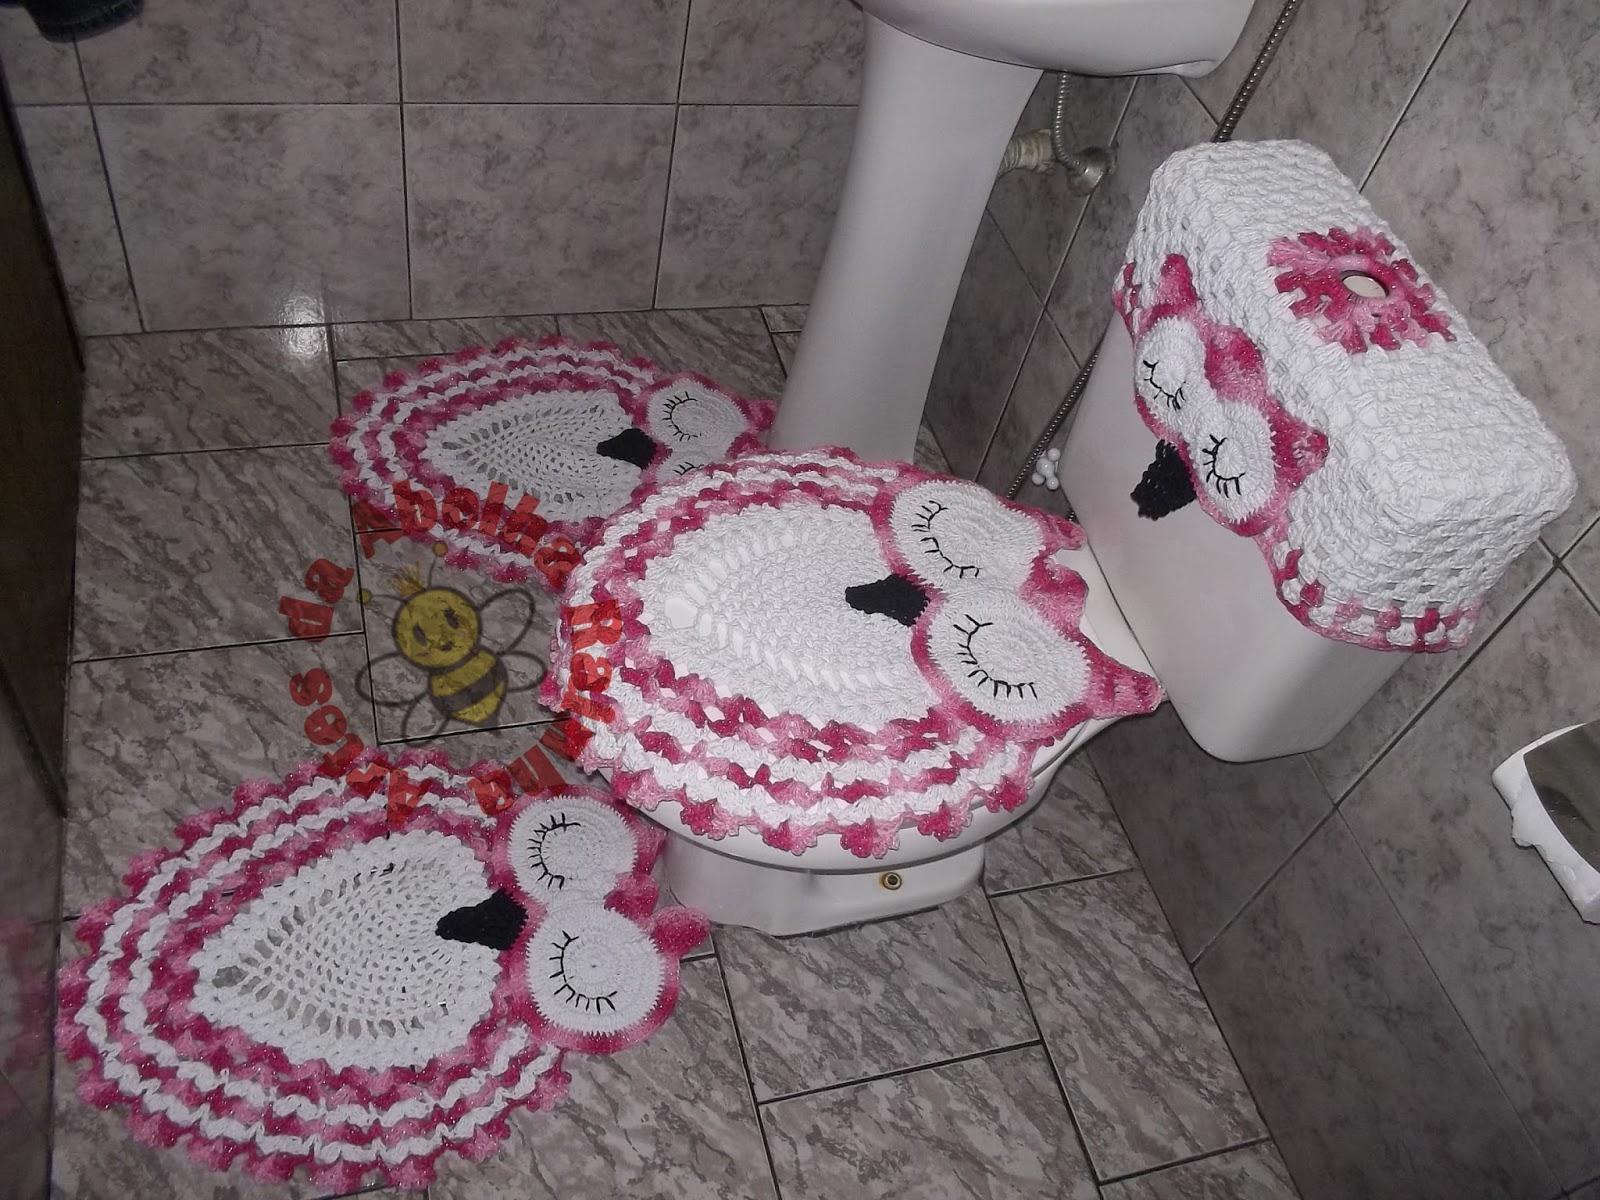 Artes da Abelha Rainha: Jogo de banheiro coruja branco e rosa #95363A 1600x1200 Banheiro Branco E Rosa